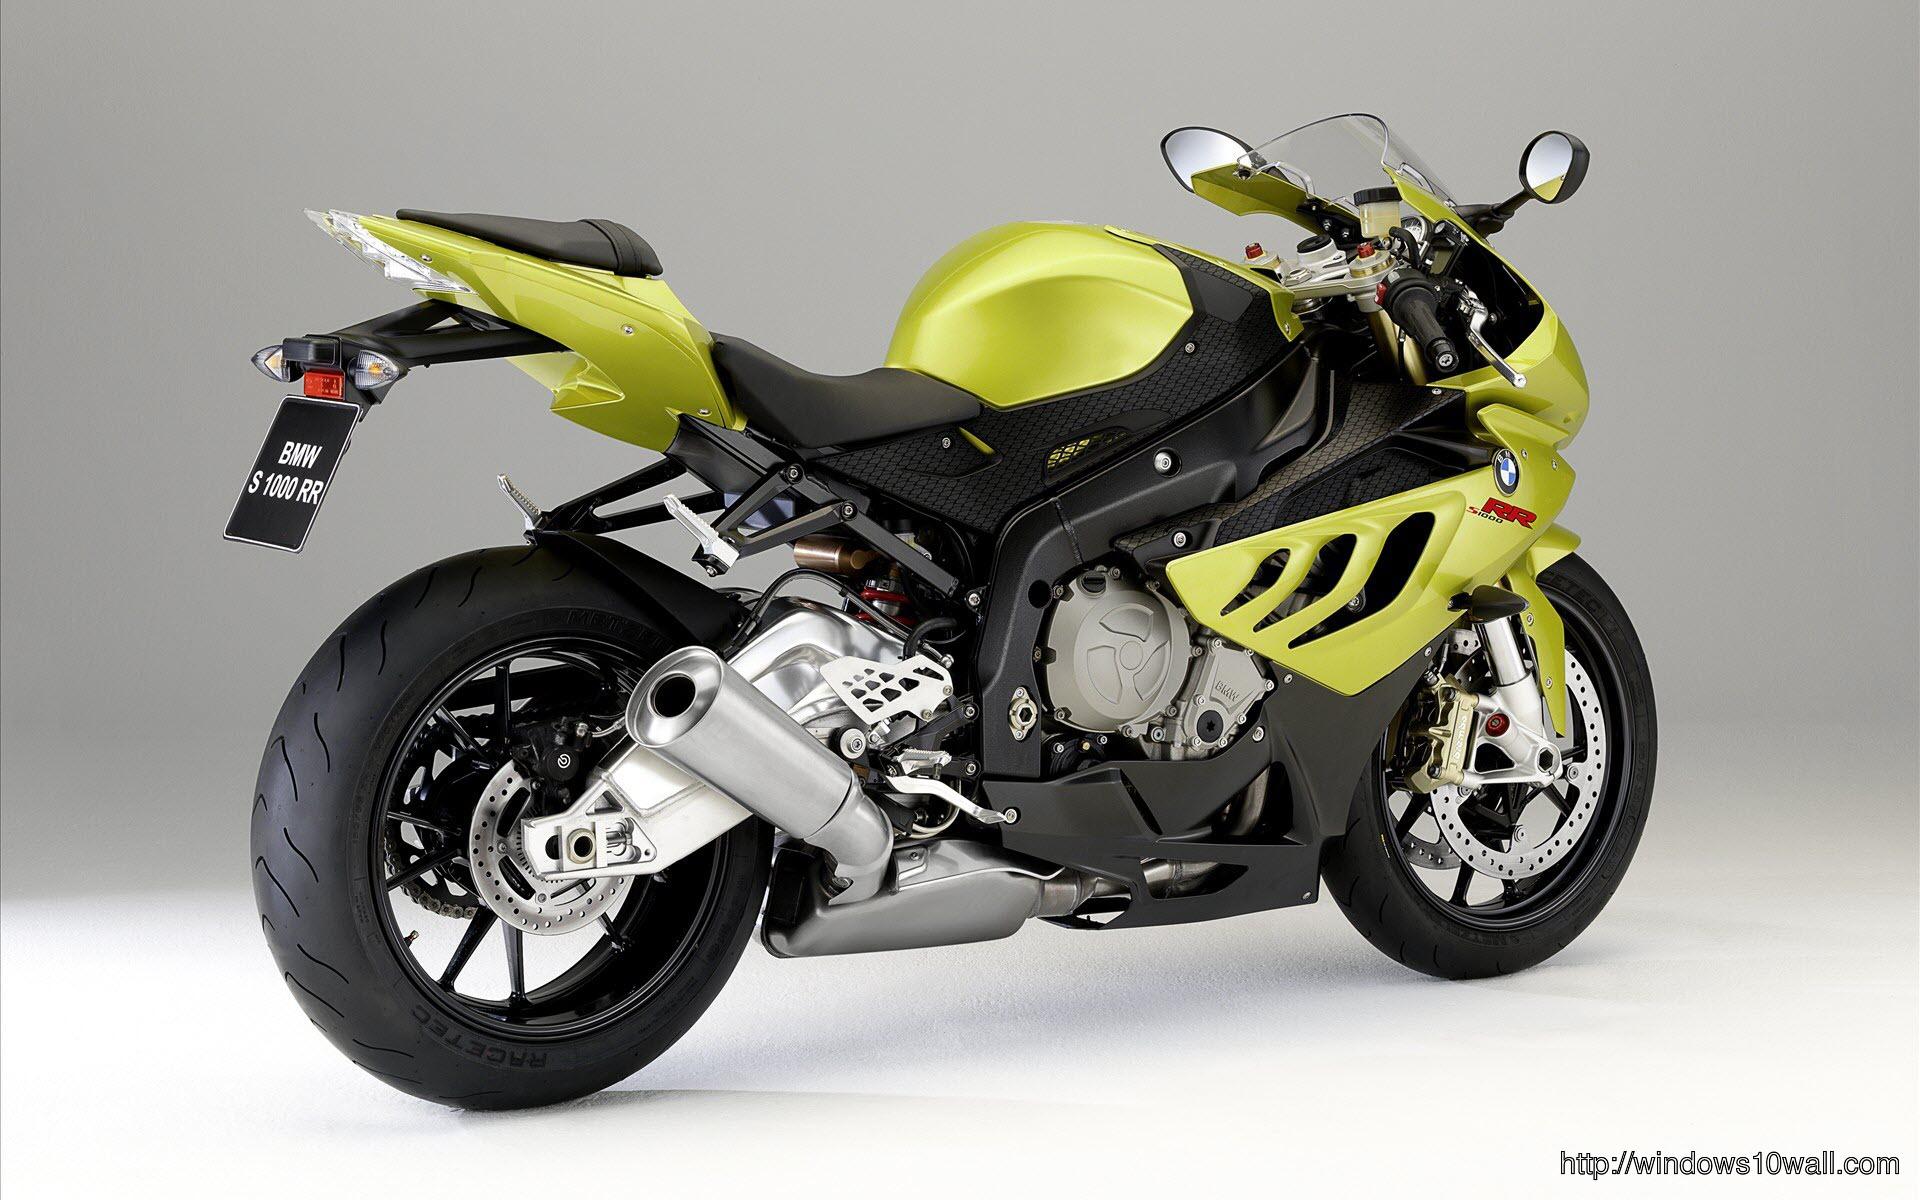 Bmw-1000-Rr-Yellow-Bike-Wallpaper